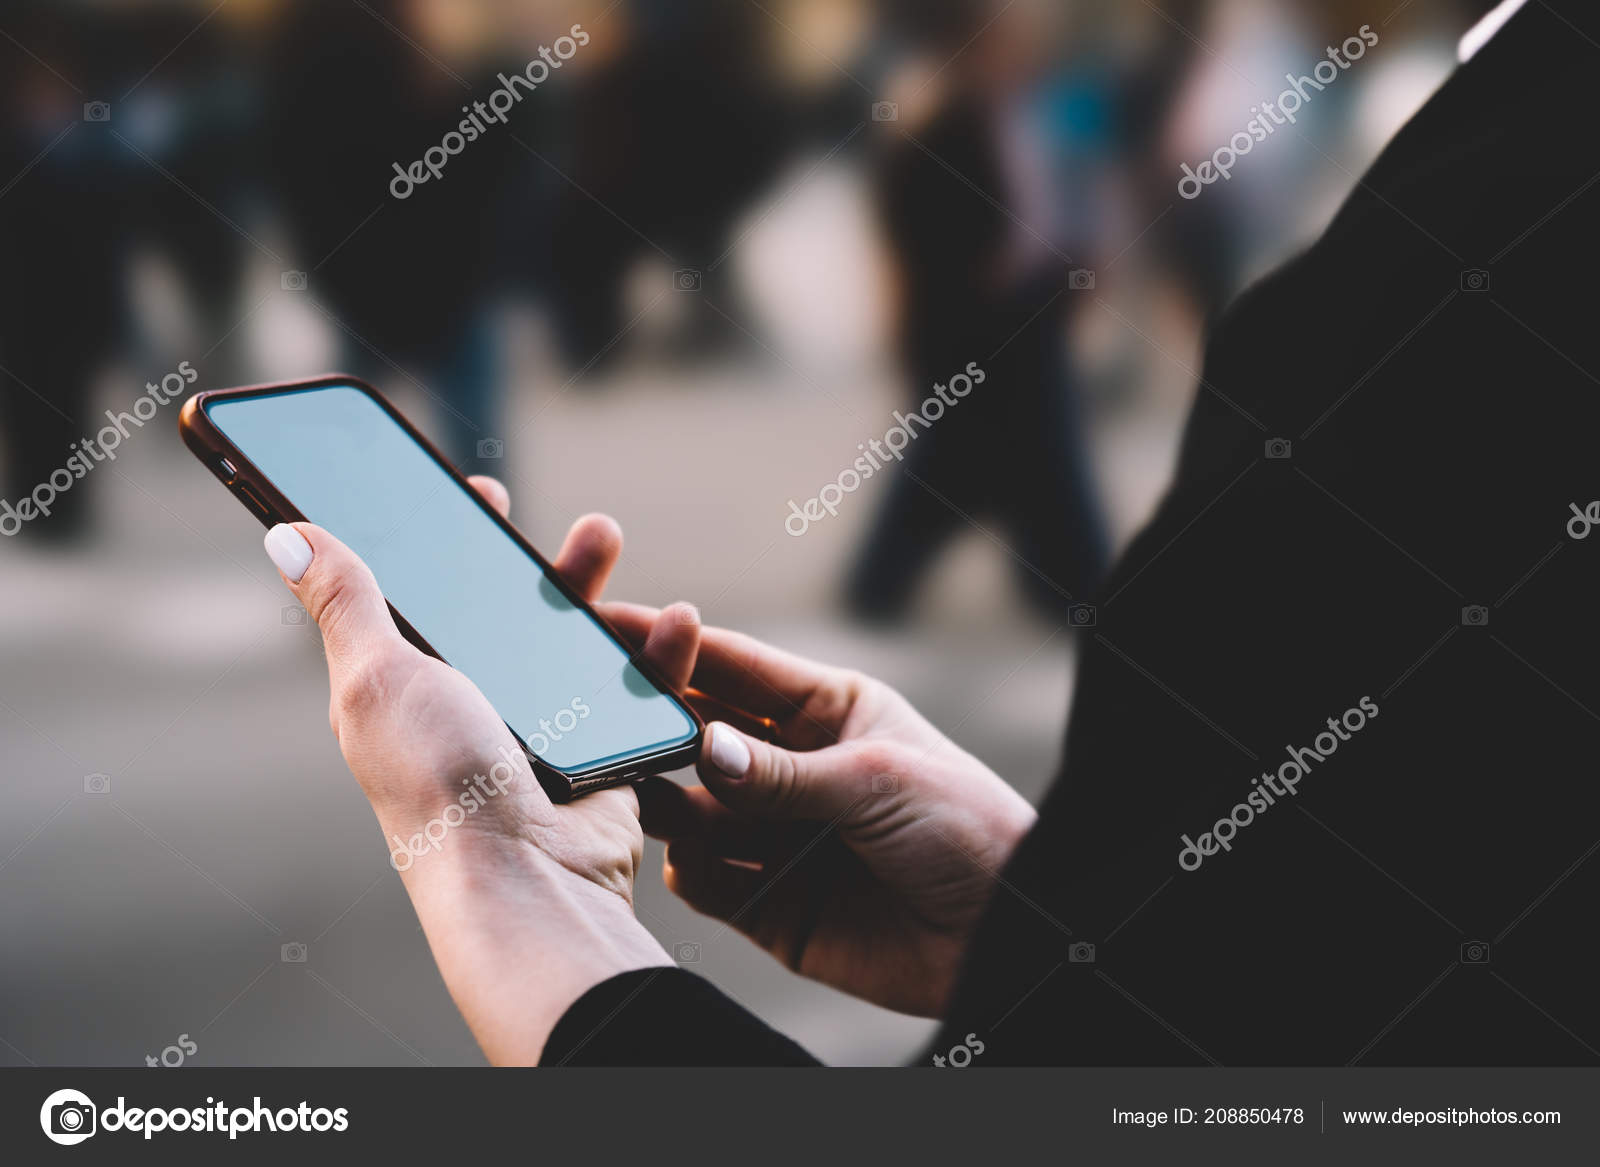 η άποψη της γυναίκας στο διαδίκτυο όλες τις site γνωριμιών στον Καναδά